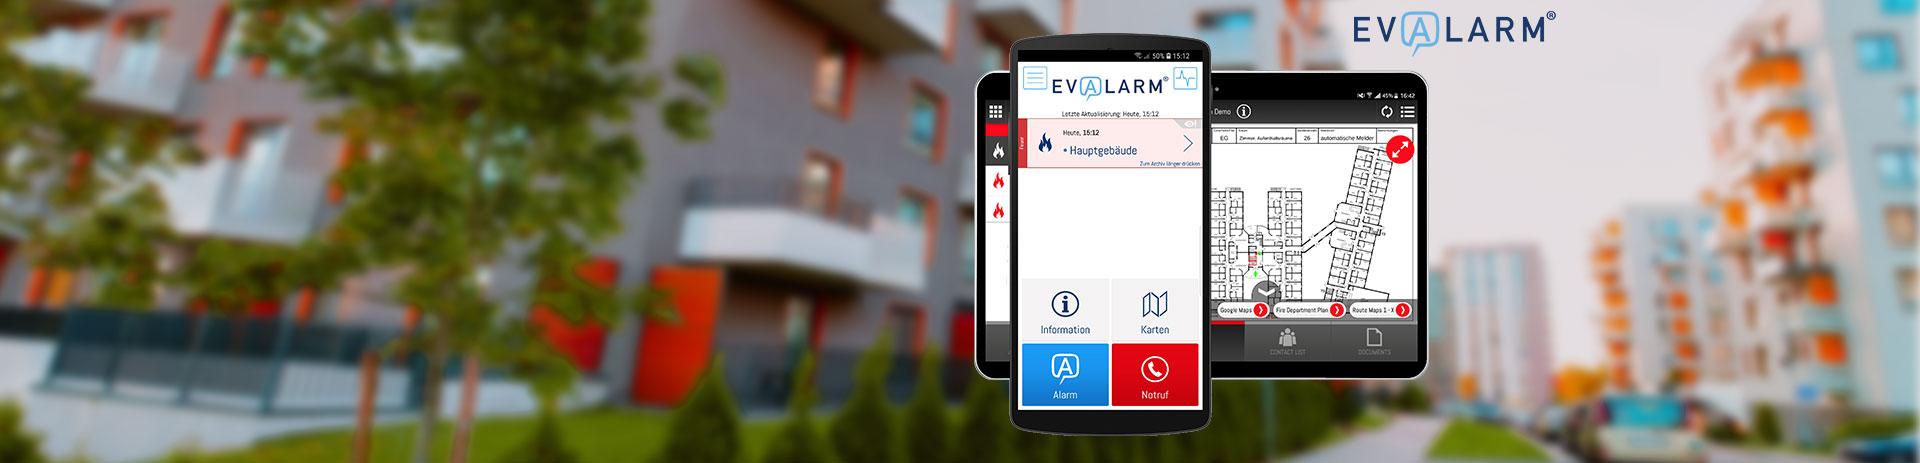 EVALARM App auf Handy und Tablet